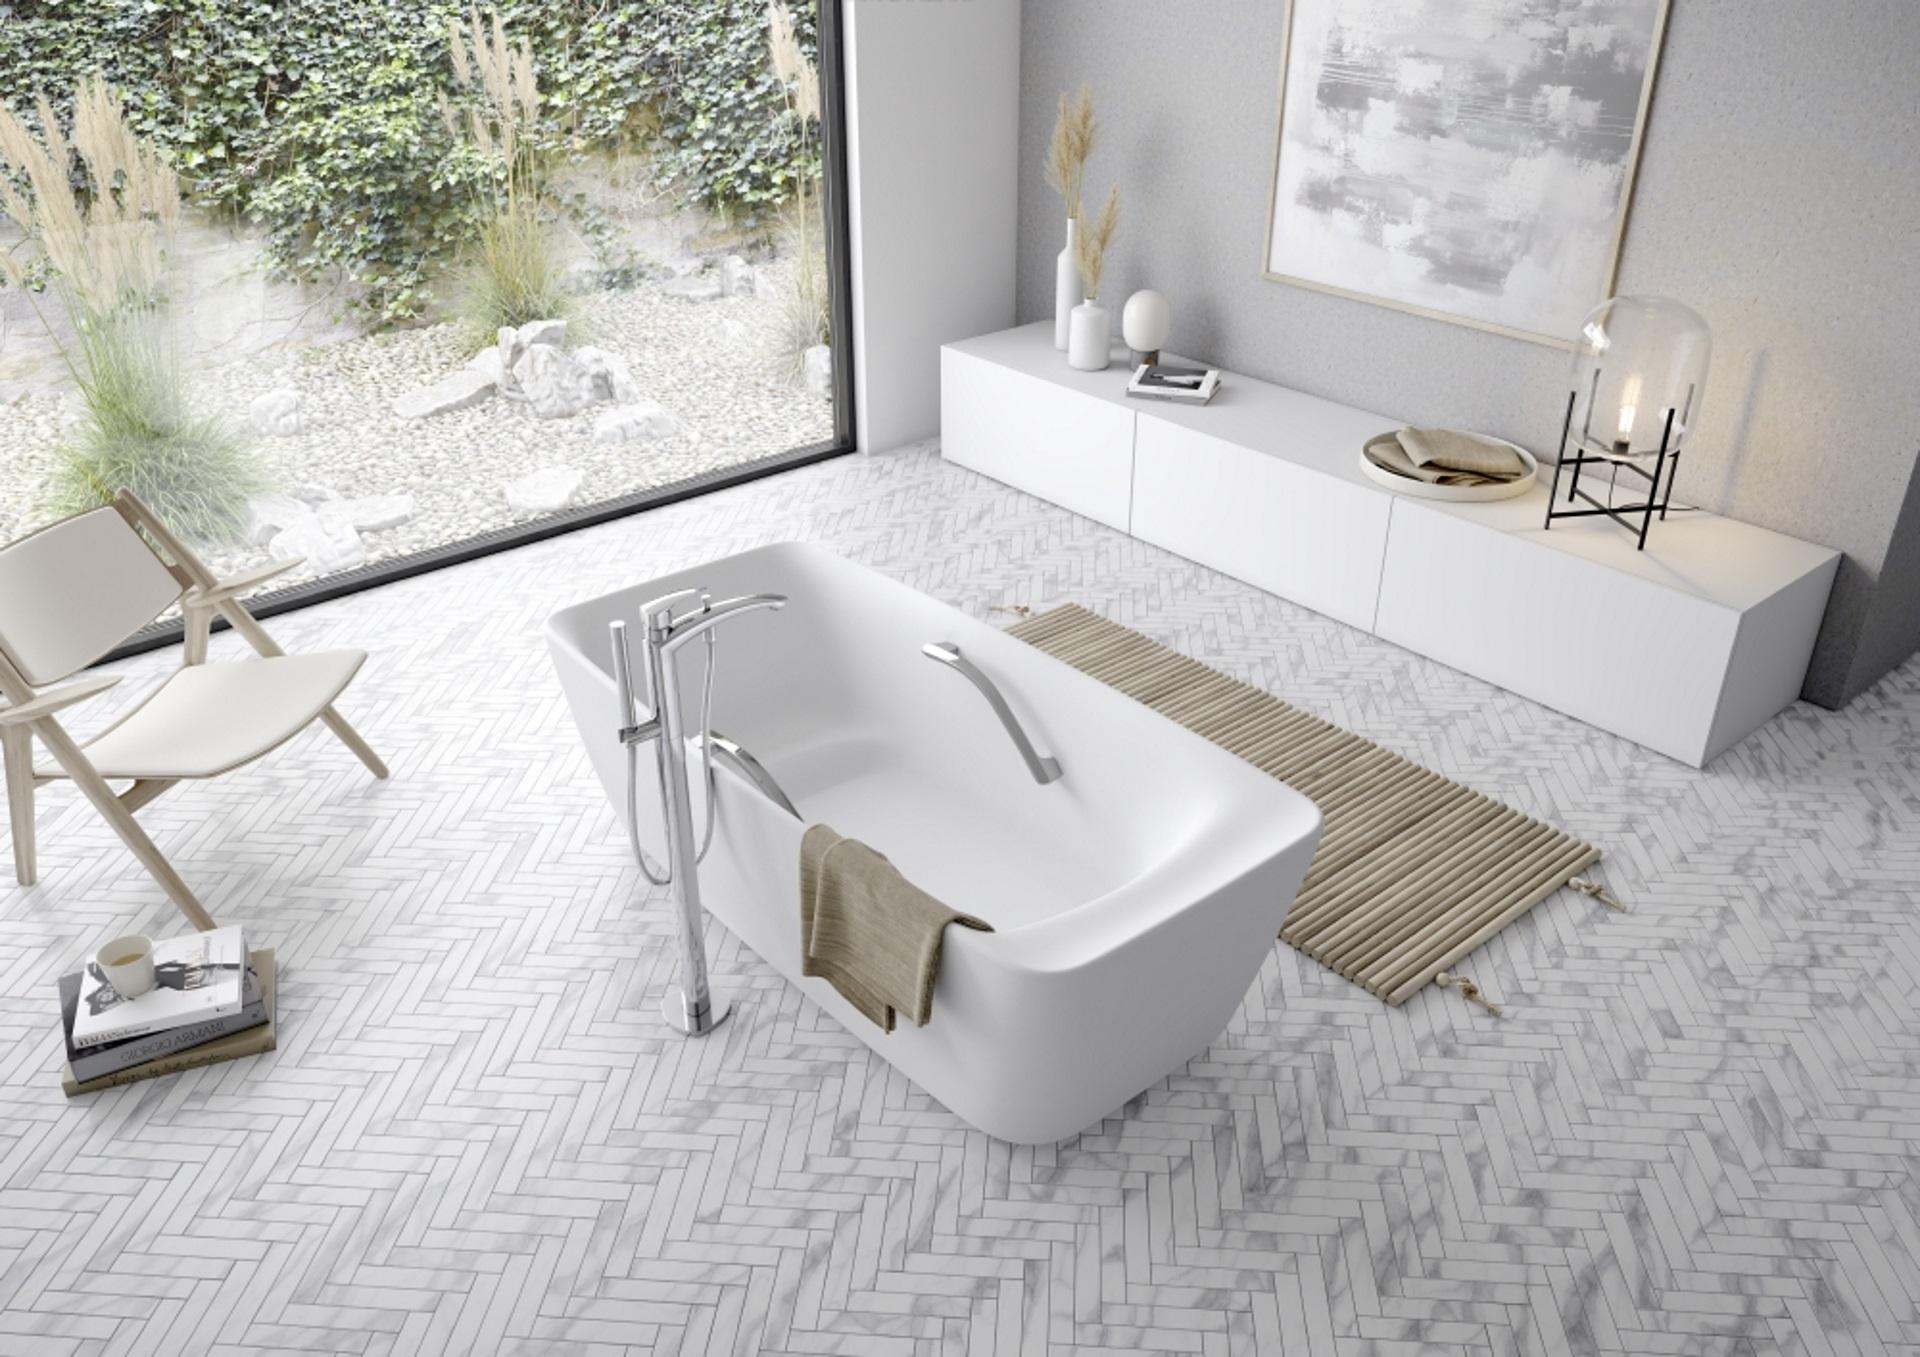 Abbildung klassisches Badezimmer von TOTO mit freistehender Badewanne